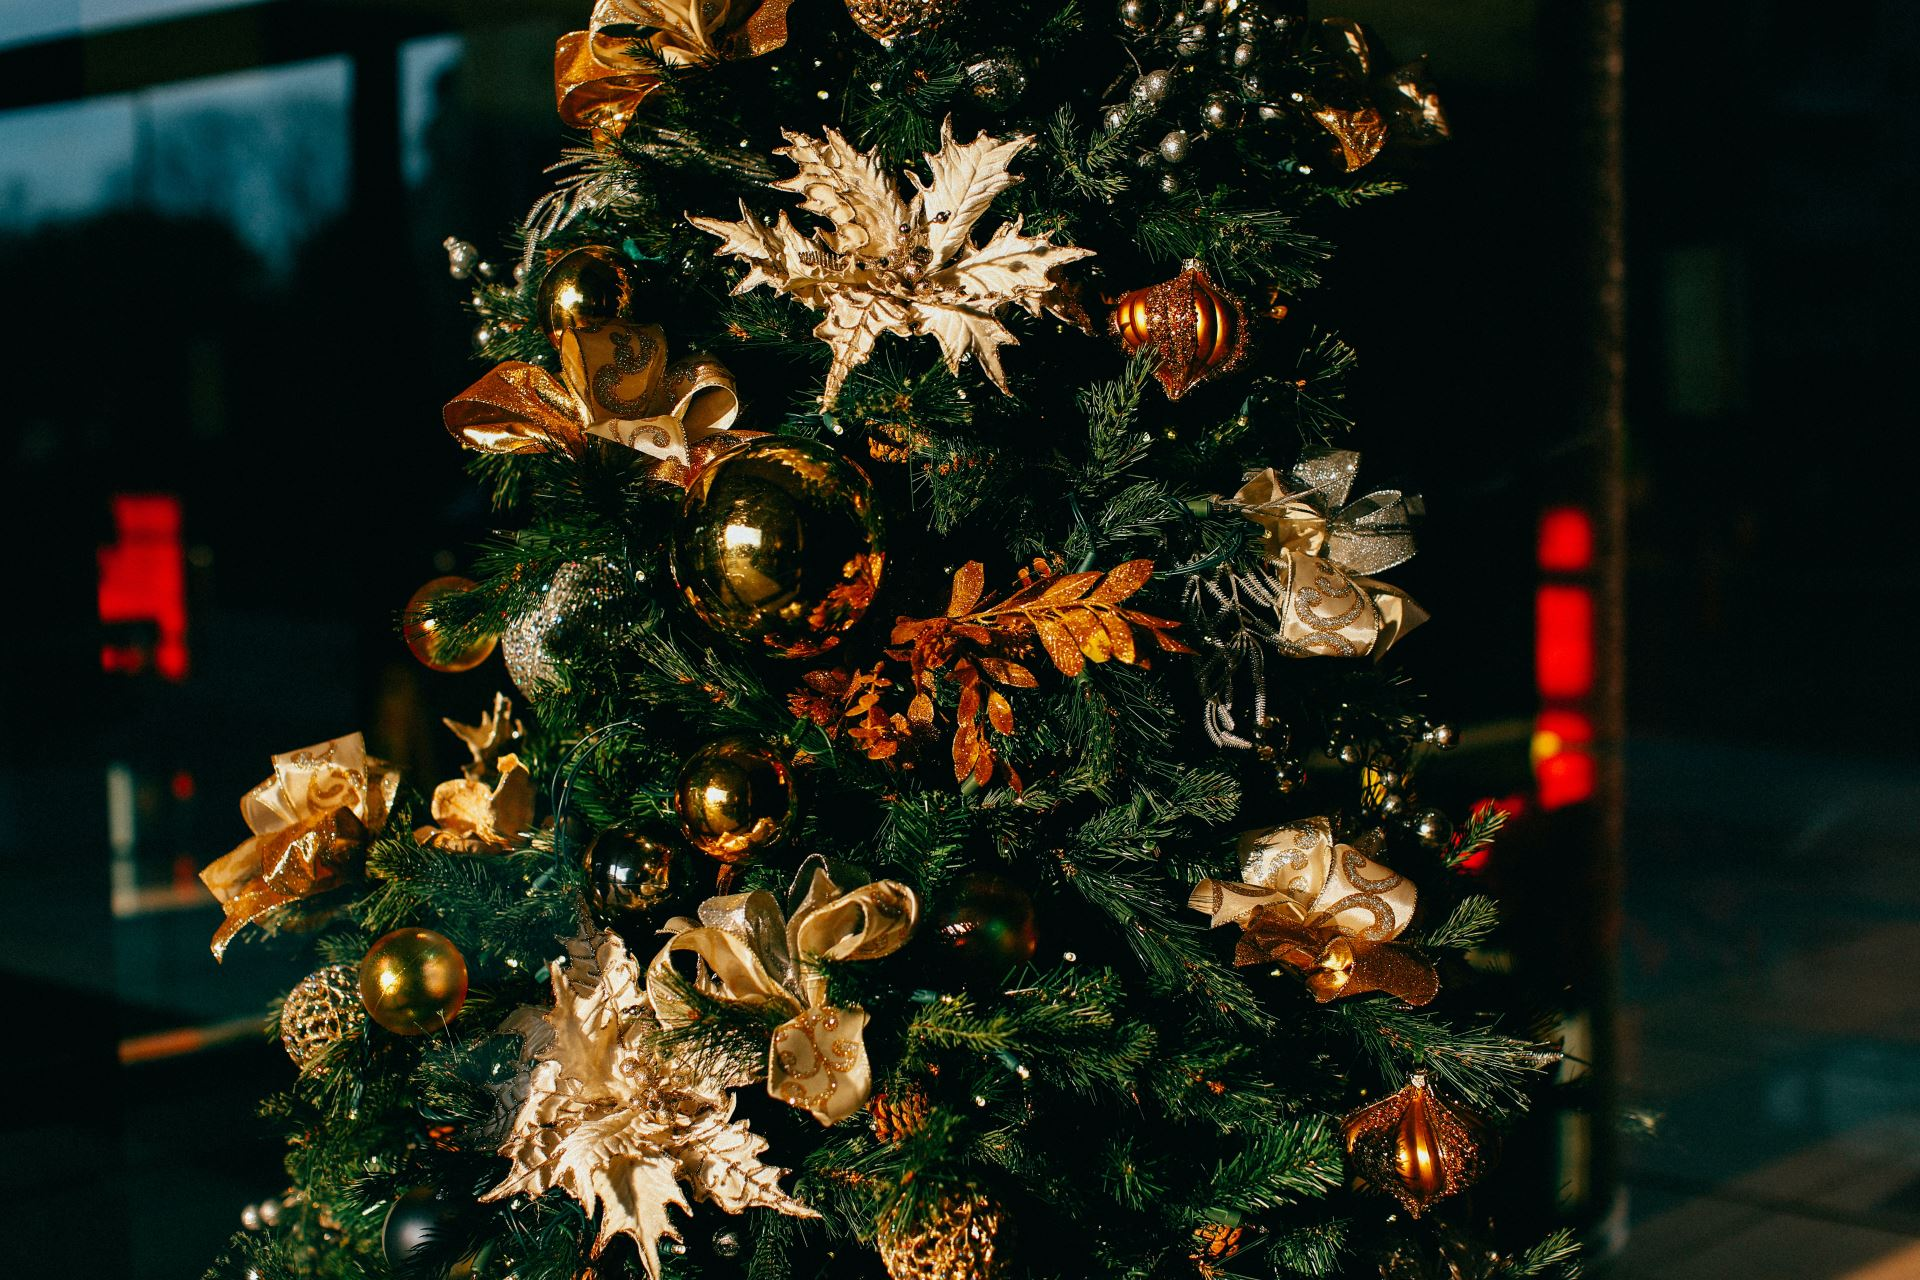 Weihnachten_dal_compare